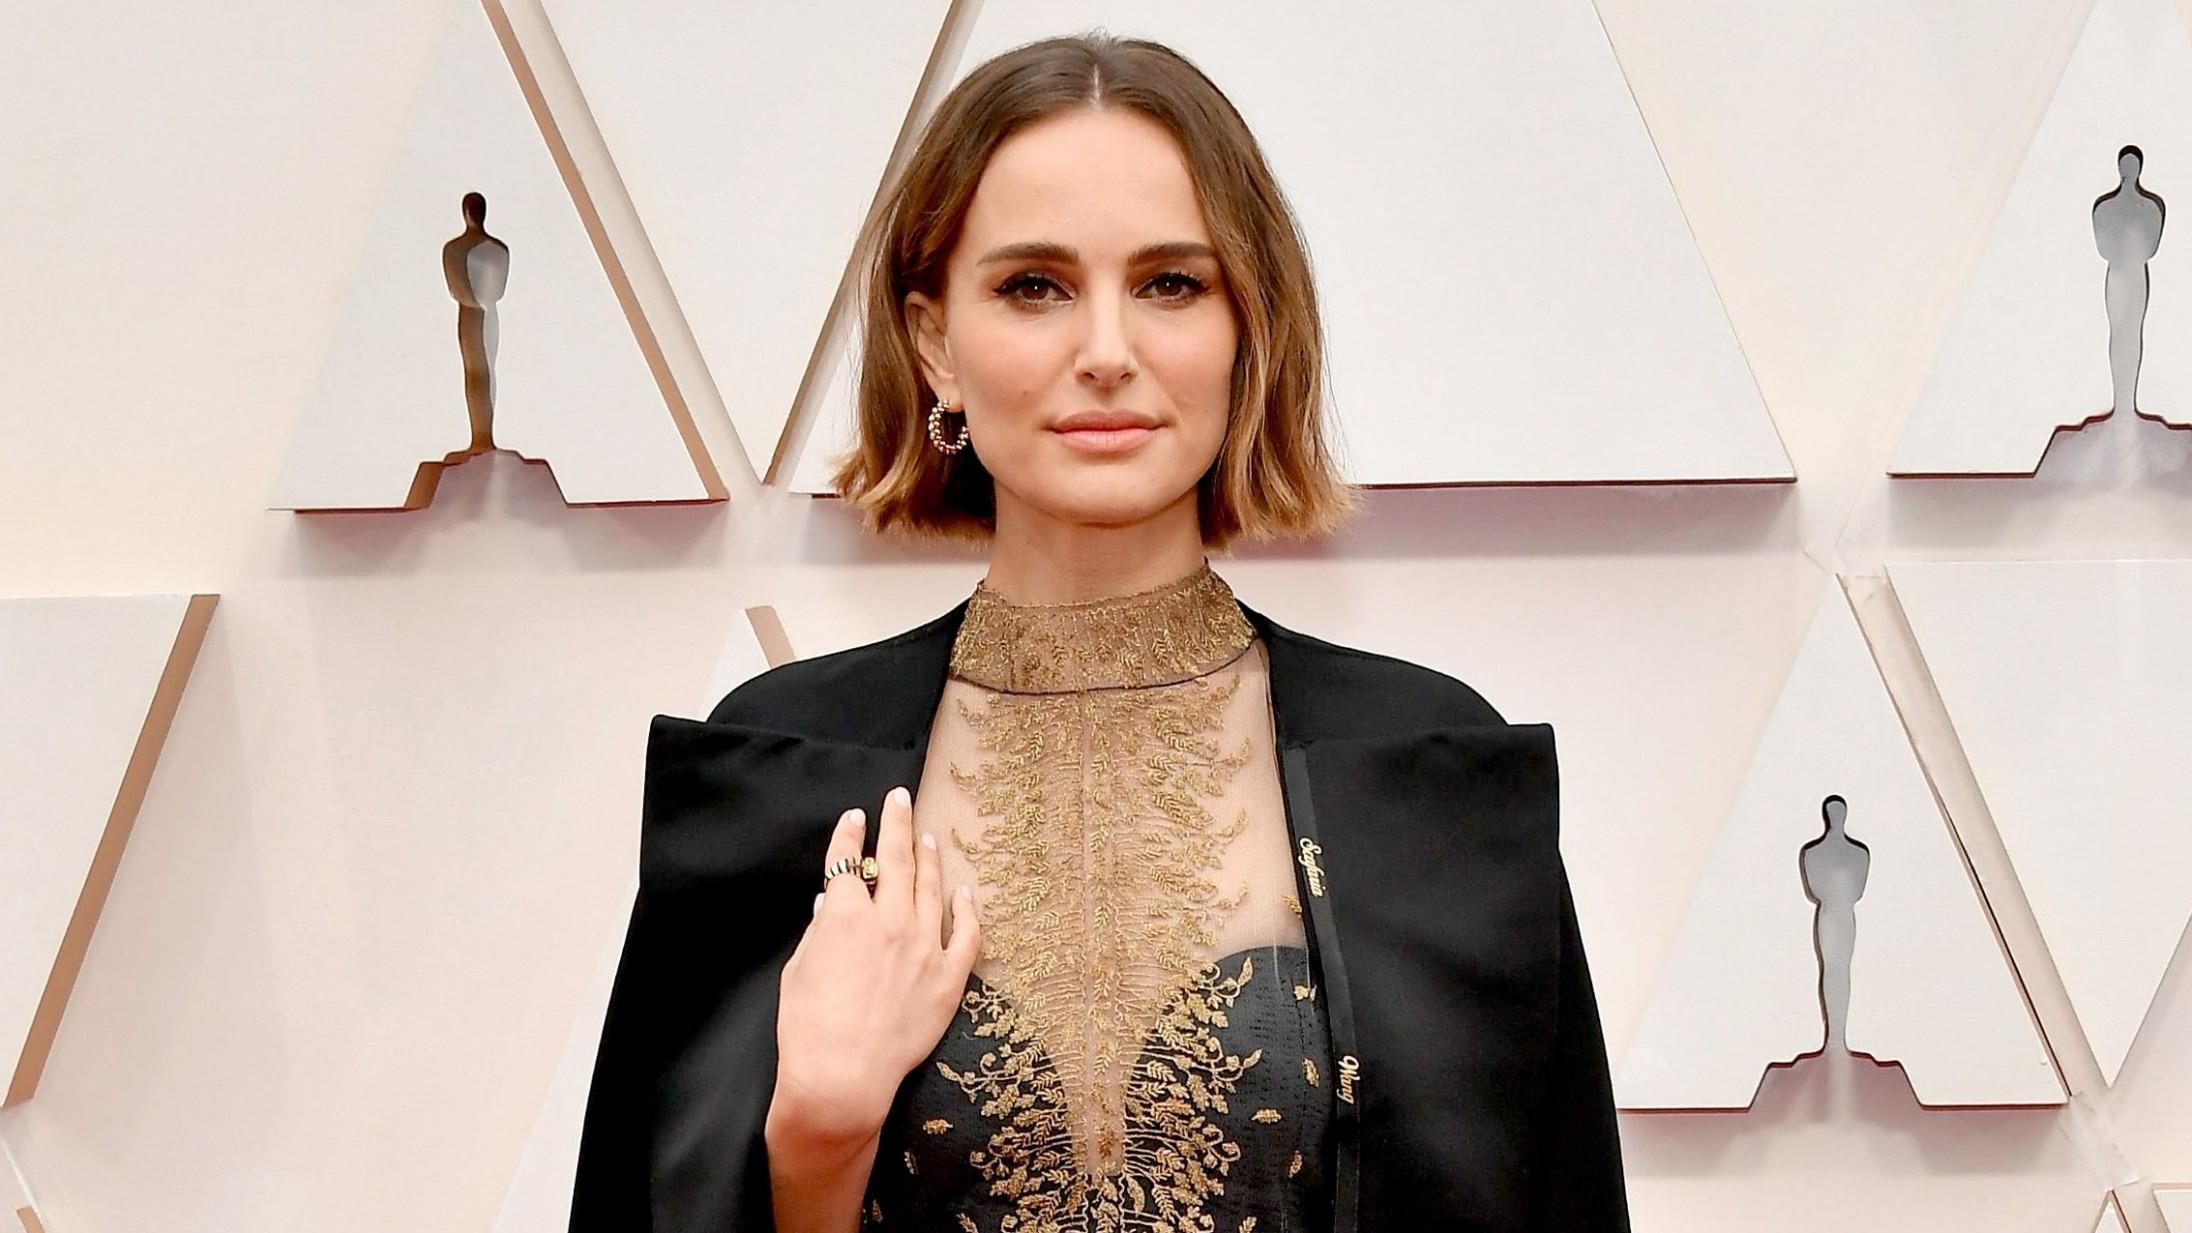 Natalie Portman afslører meningen bag sin dramatiske kappe på den røde løber